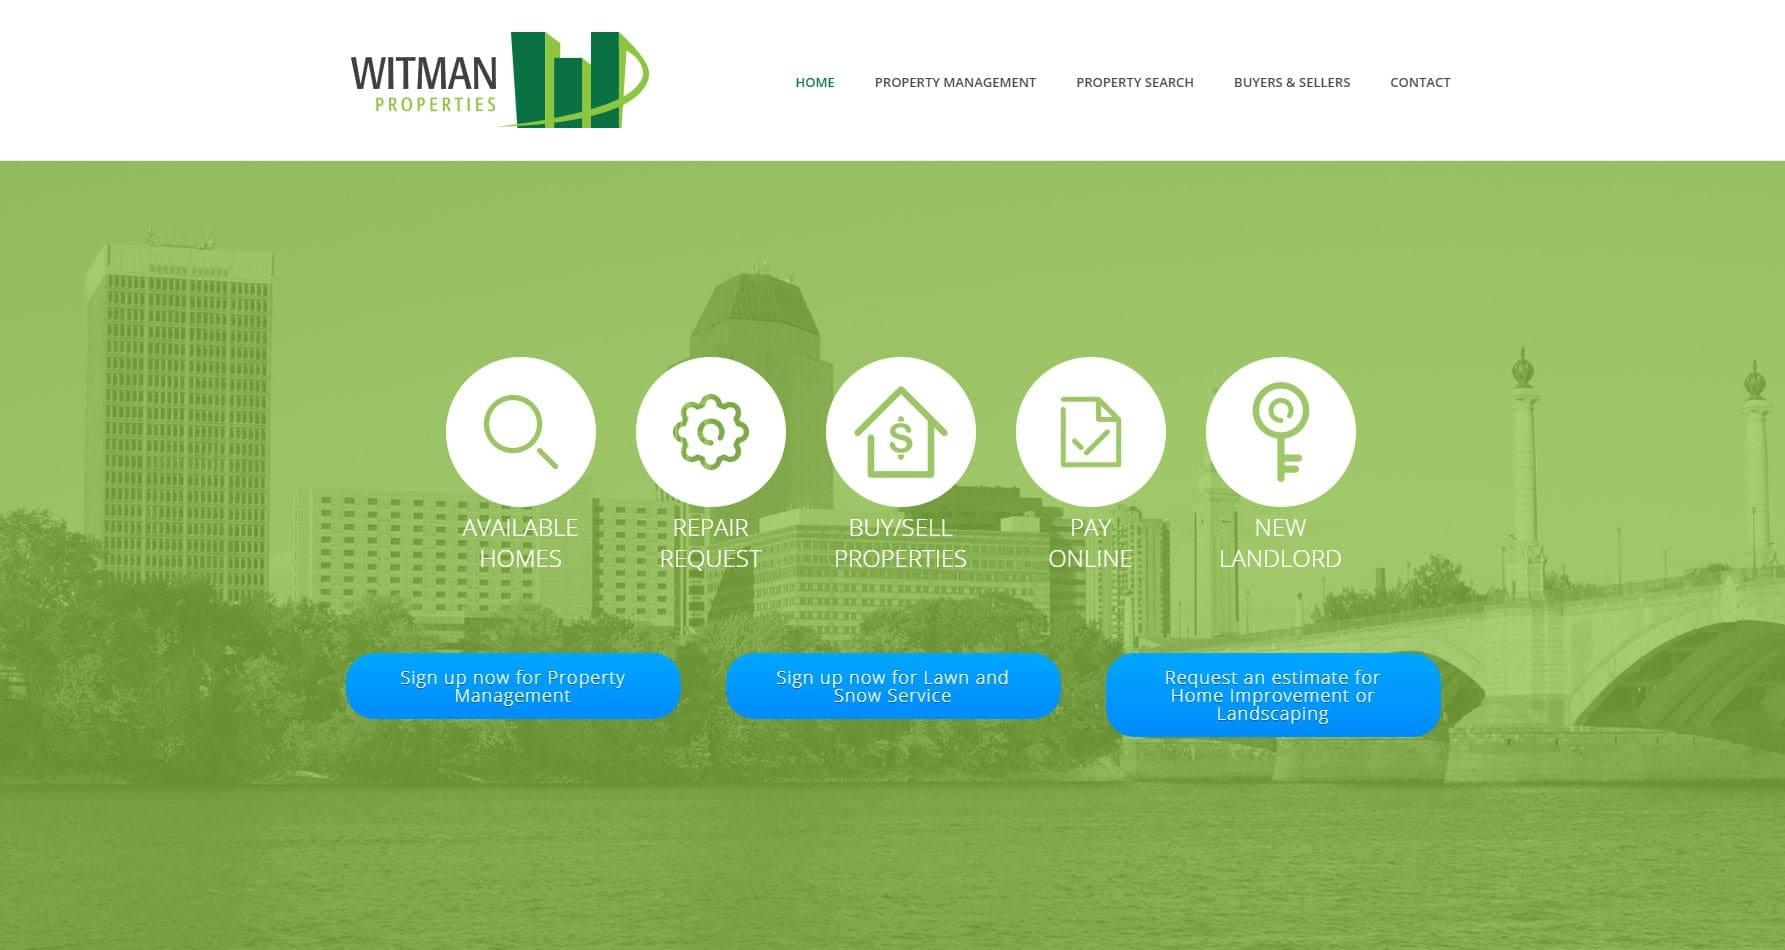 Witman Properties